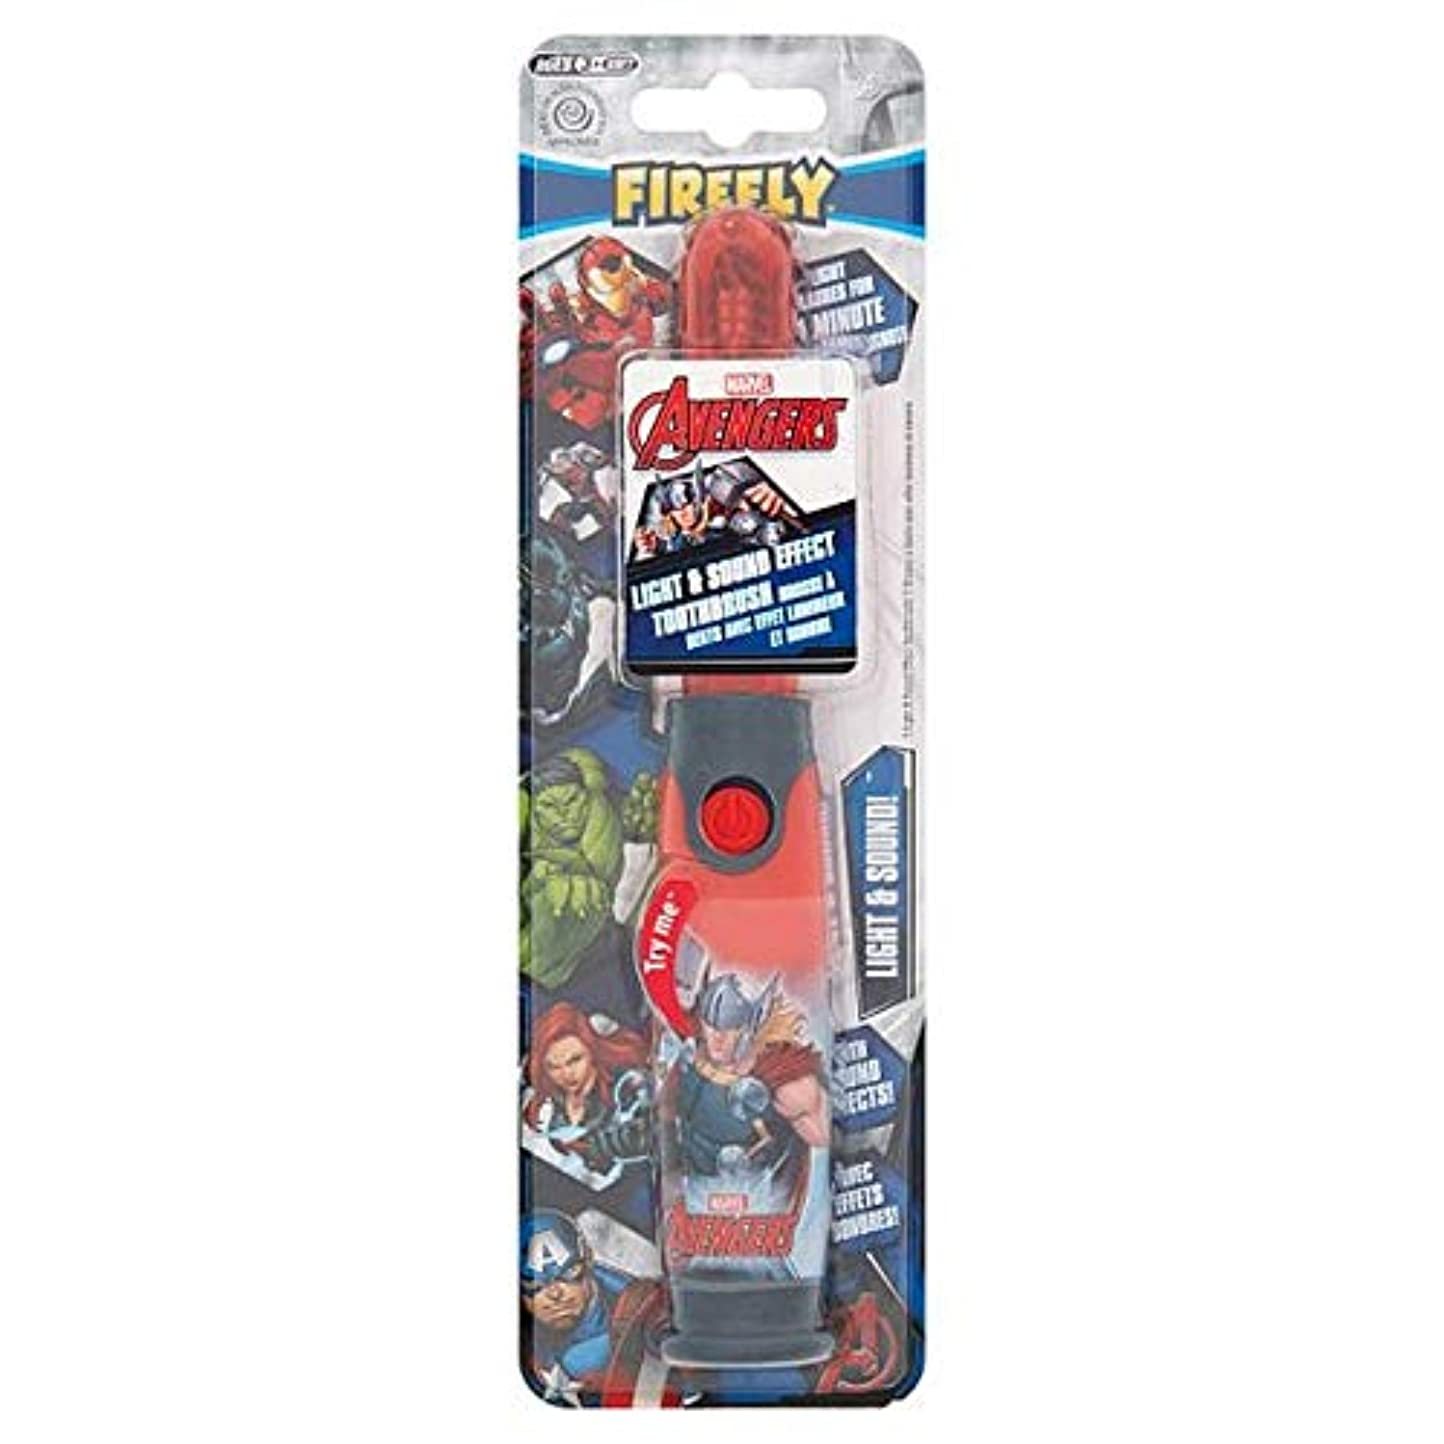 テレマコスディーラークローン[Firefly ] アベンジャーズホタルの光と音の歯ブラシ - Avengers Firefly Light And Sound Toothbrush [並行輸入品]